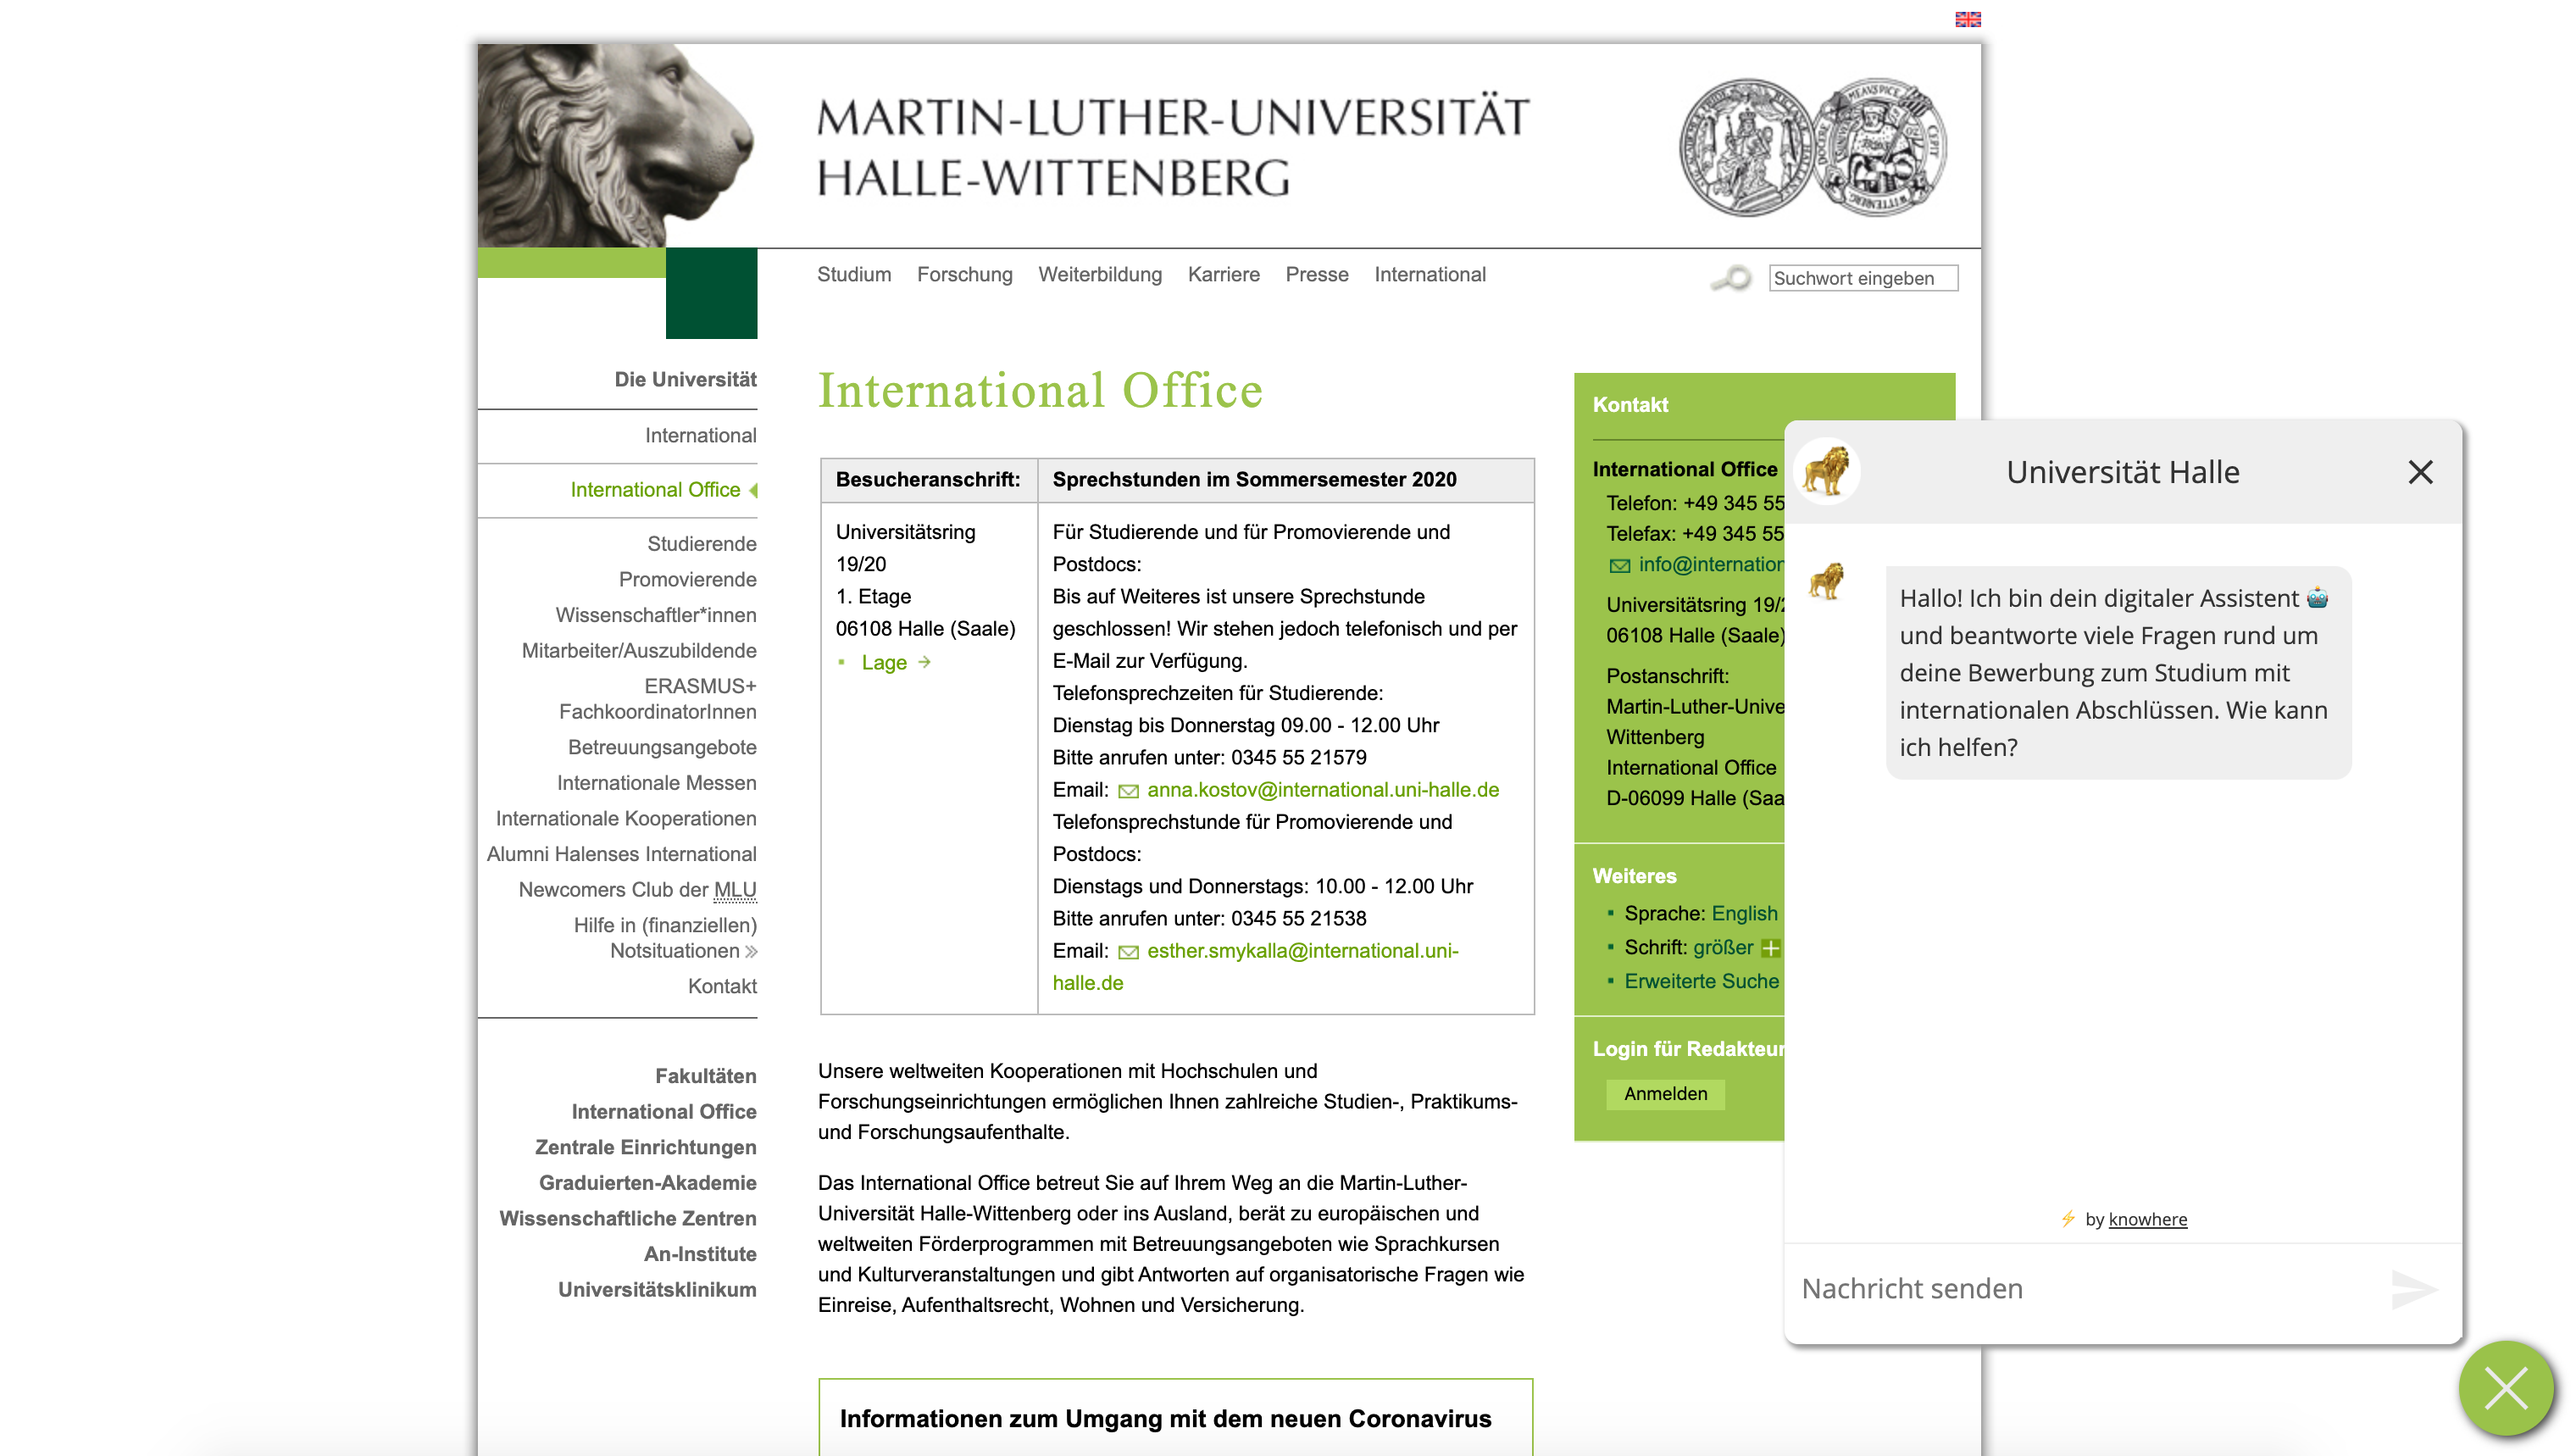 Chatbot der Martin-Luther-Universität Halle-Wittenberg